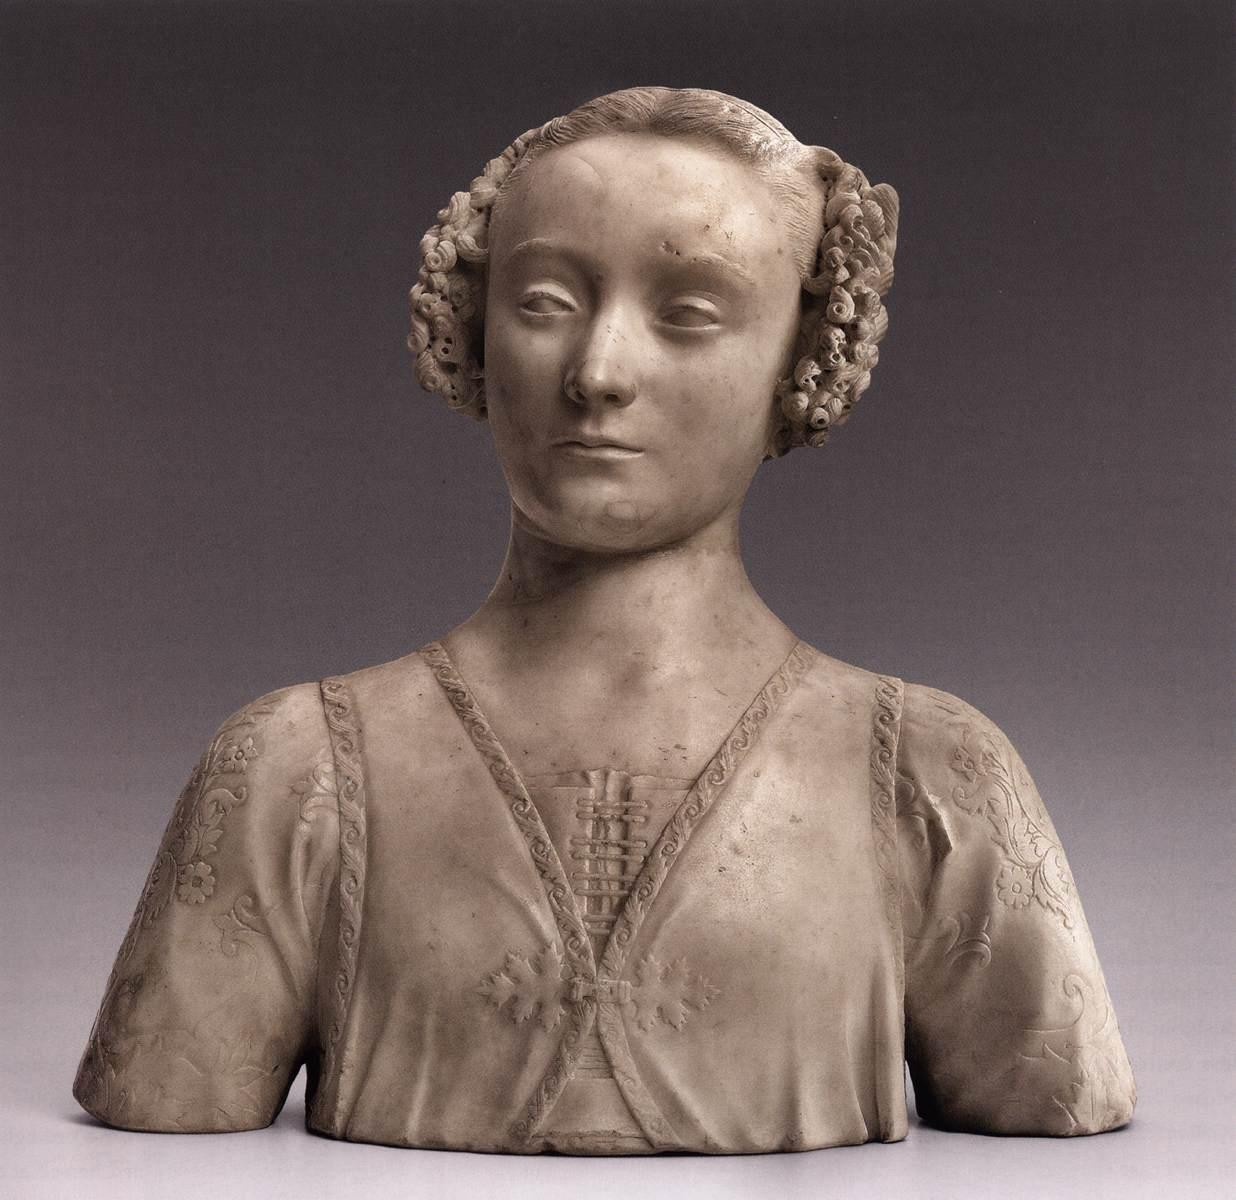 Andrea del Verrocchio, Giovane gentildonna (1465-1466 circa; marmo bianco, 47,3 x 48,7 x 23,8 cm; New York, The Frick Collection, inv. 1961.2.87)